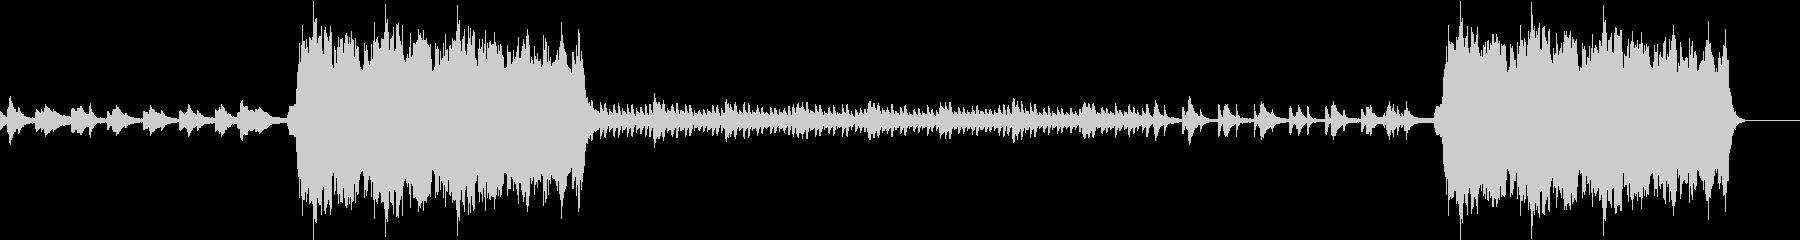 秋をイメージしたピアノインスト432Hzの未再生の波形